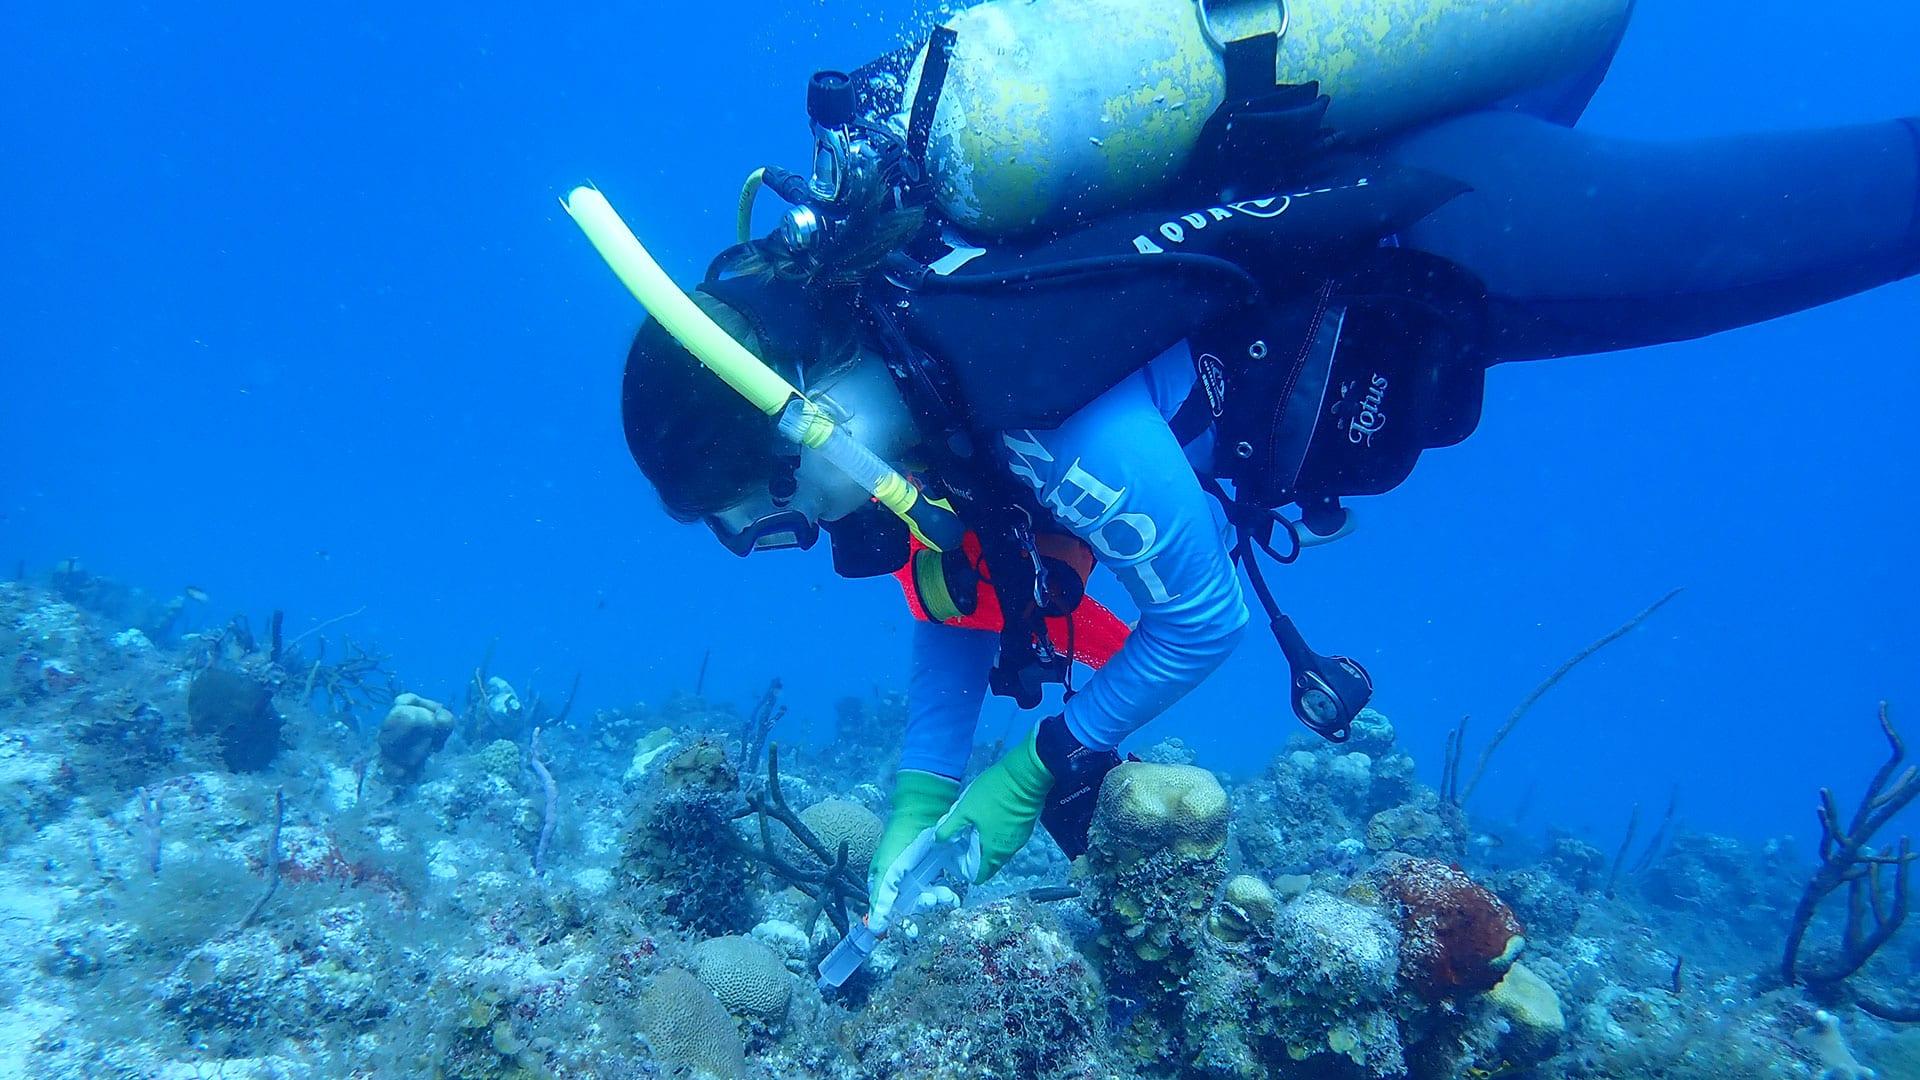 Becker diving